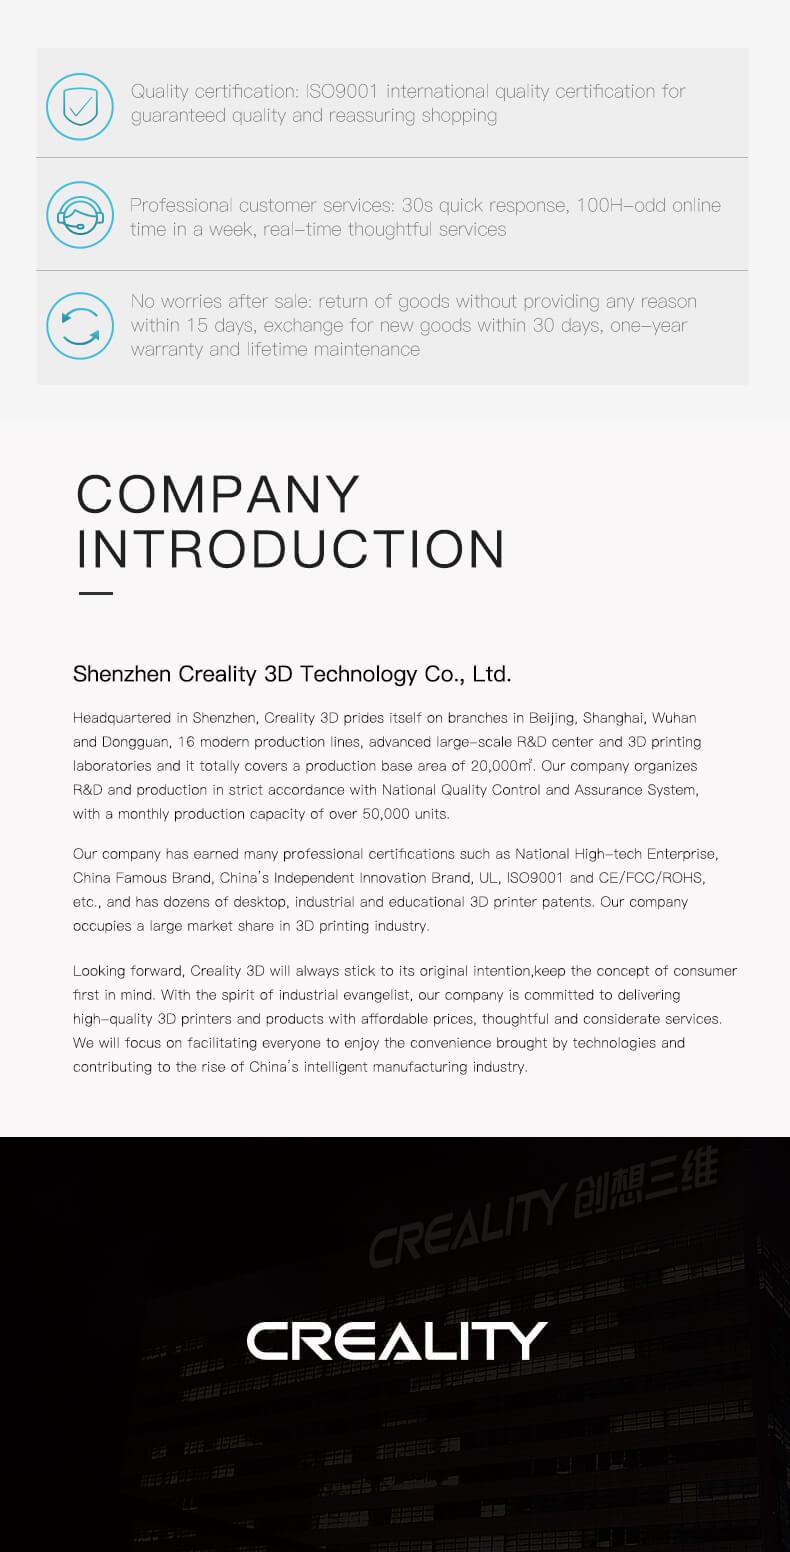 Creality CP-01